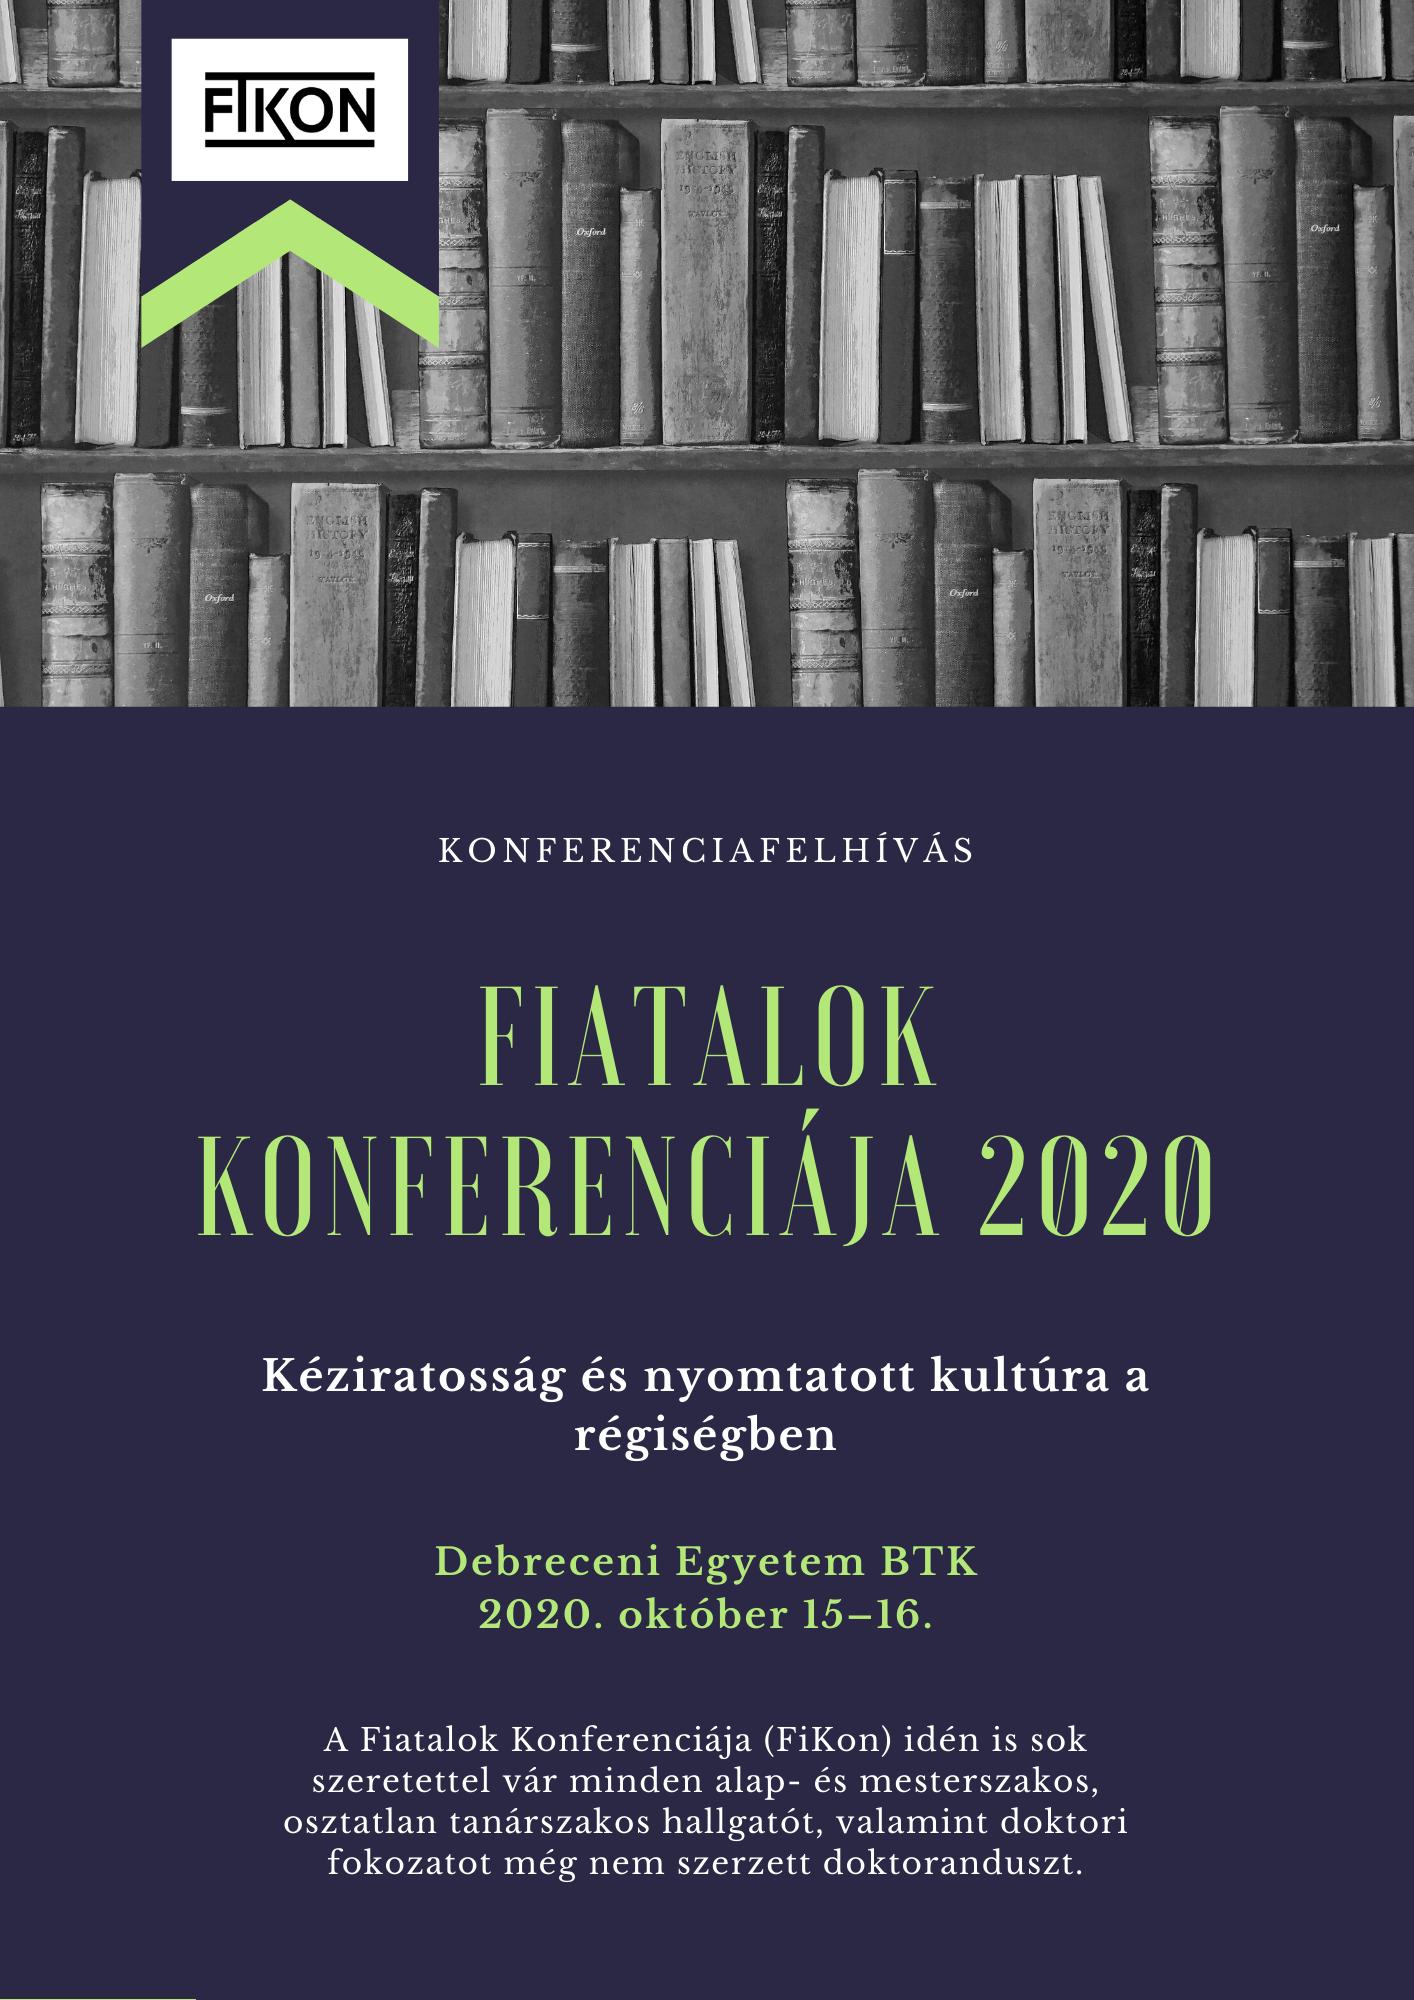 felhivas2020-1.png